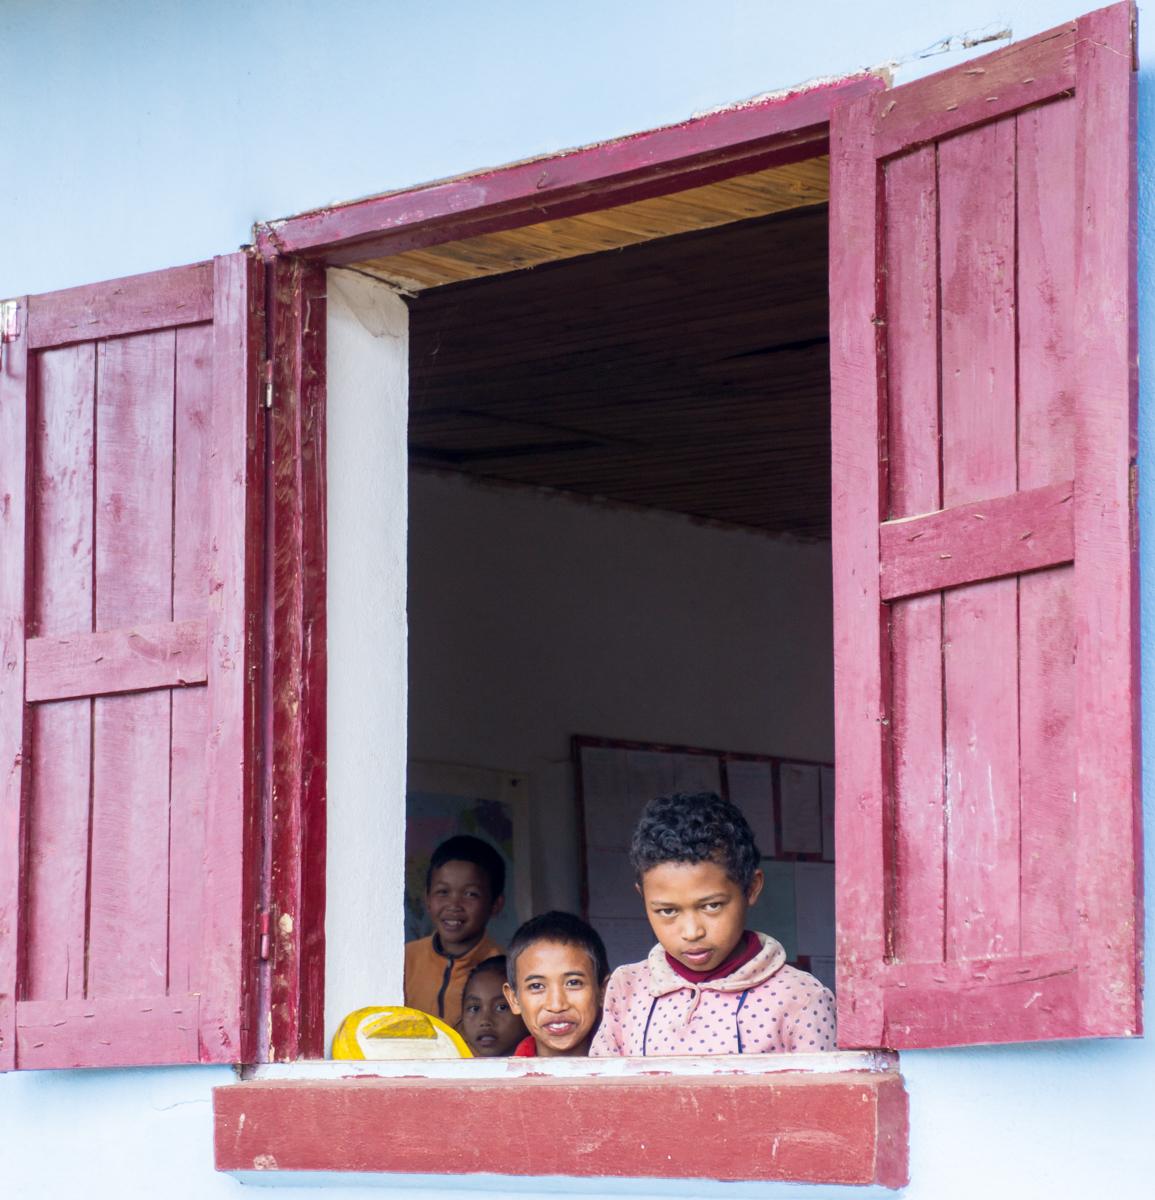 Enfants devant la fenêtre de l'école à Madagascar